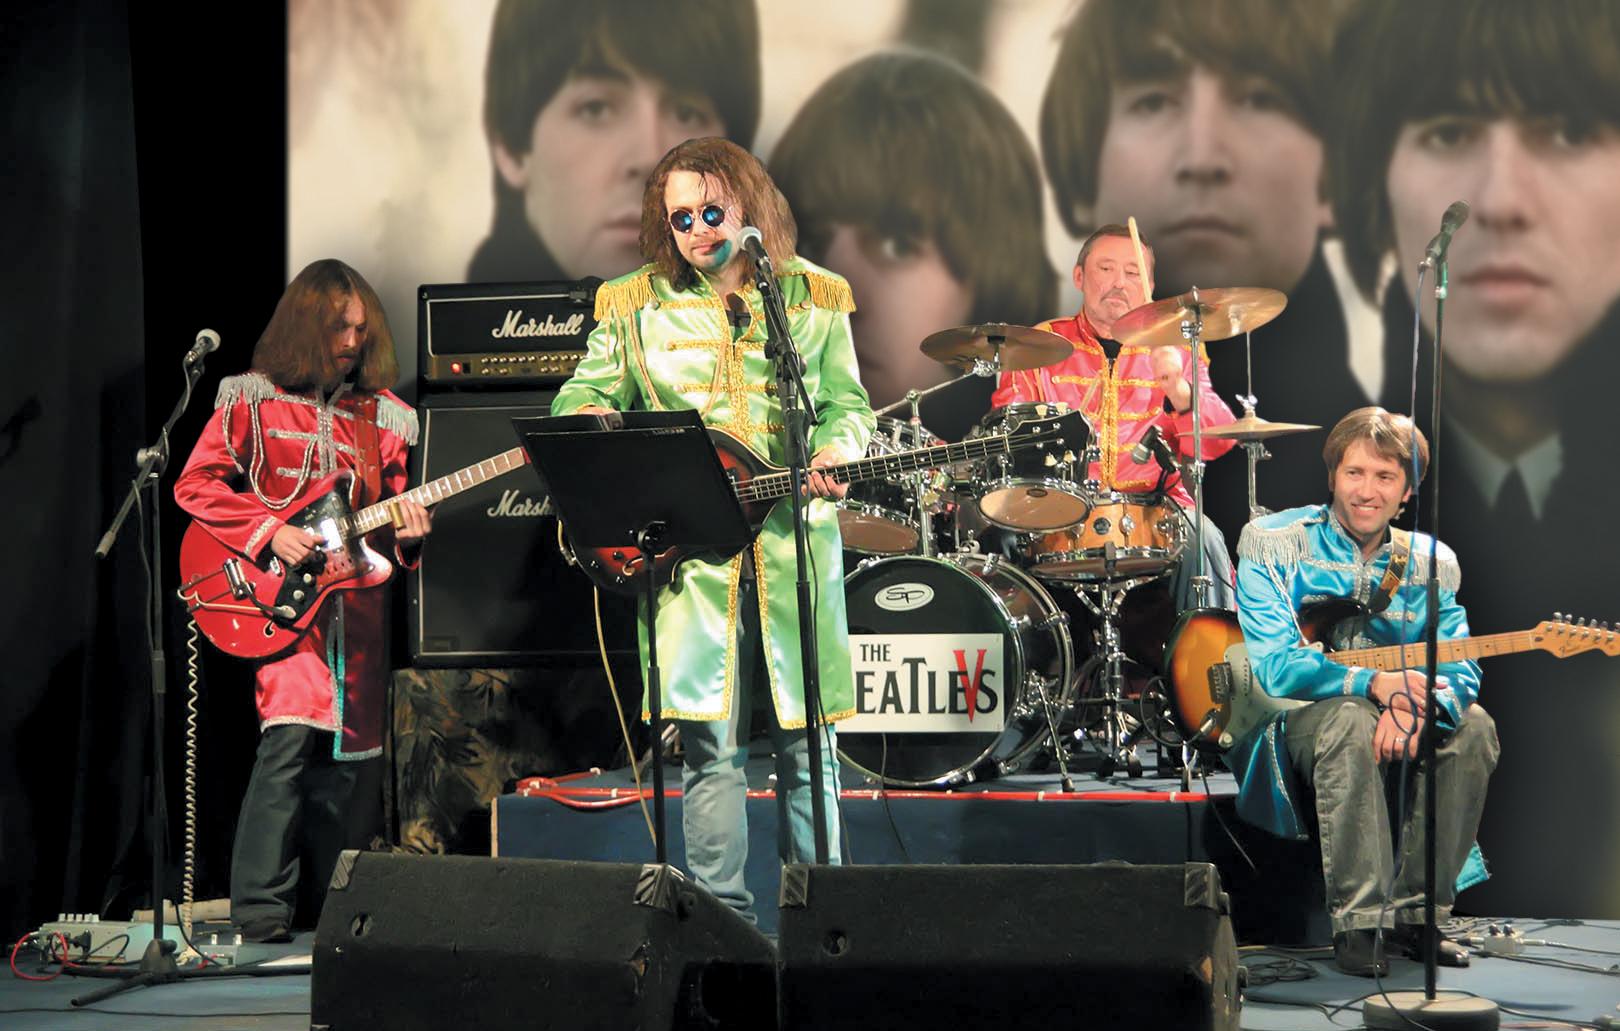 Кавер-группа The Beatlevs (Львов) на VI битломанский фестиваль искусств «All We Need Is Love&Peace! (Всё, что нам нужно, - это Любовь и Мир!)»